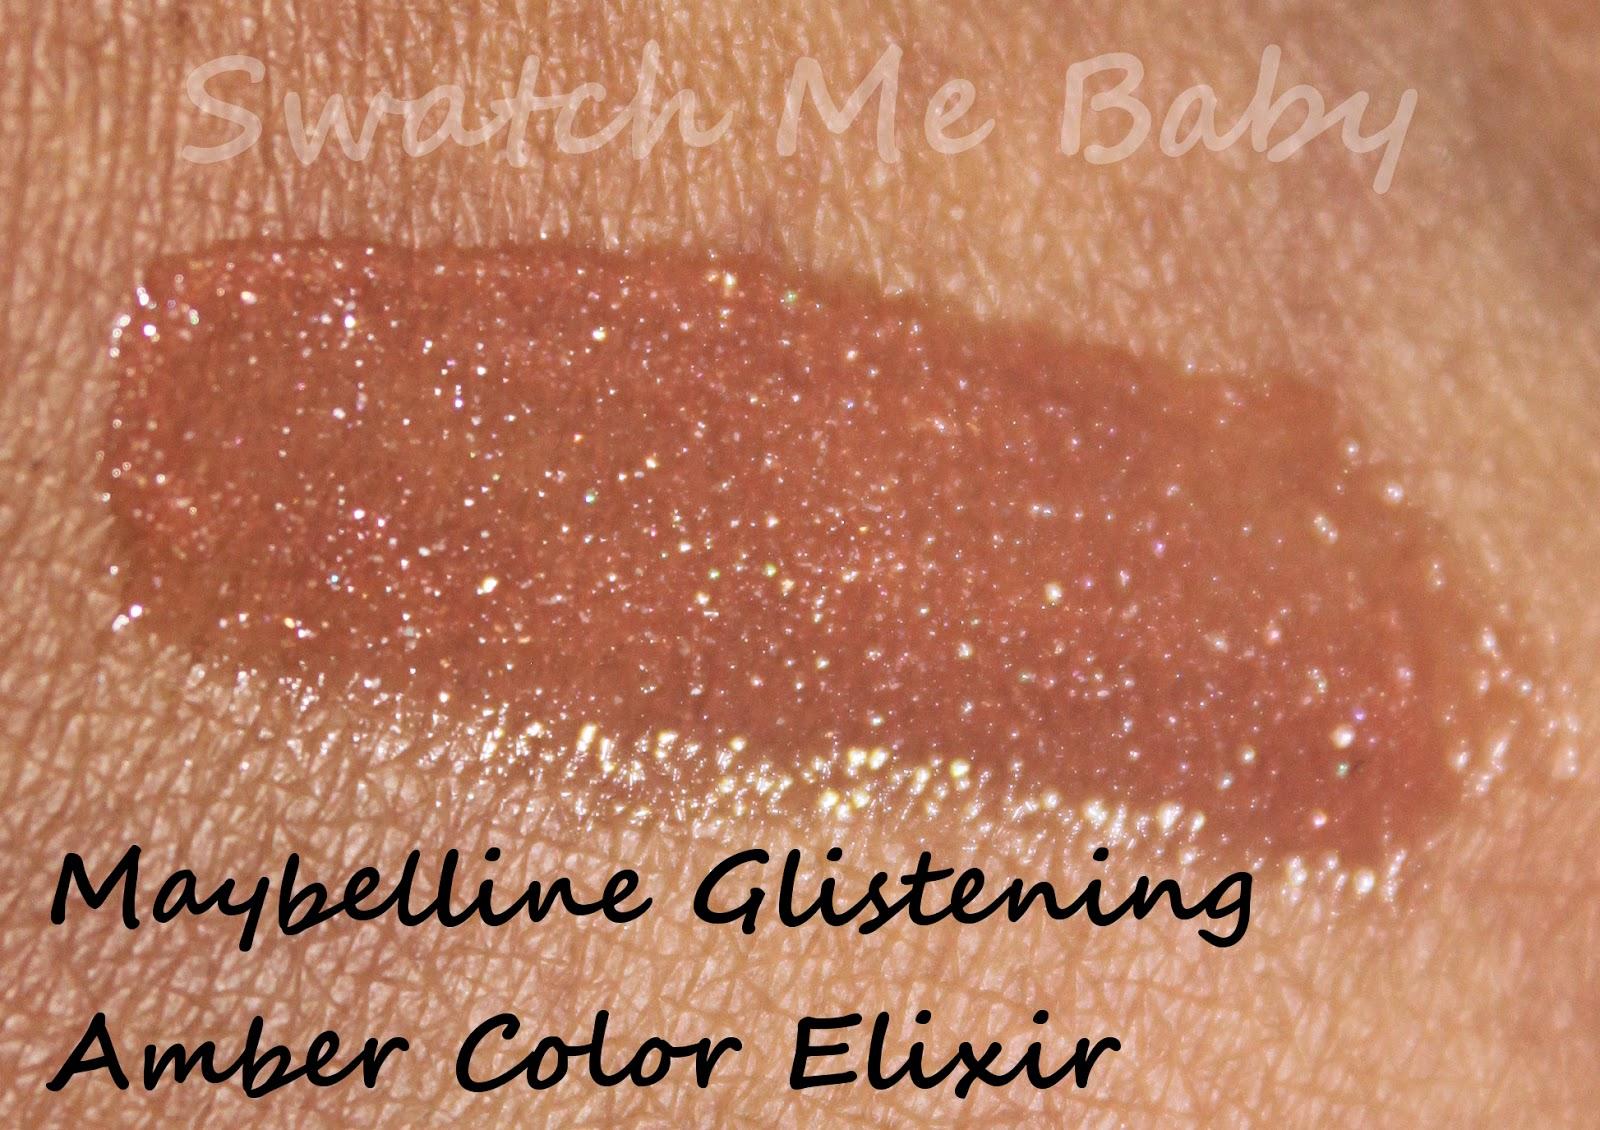 maybelline glistening amber color elixir dark skin swatch